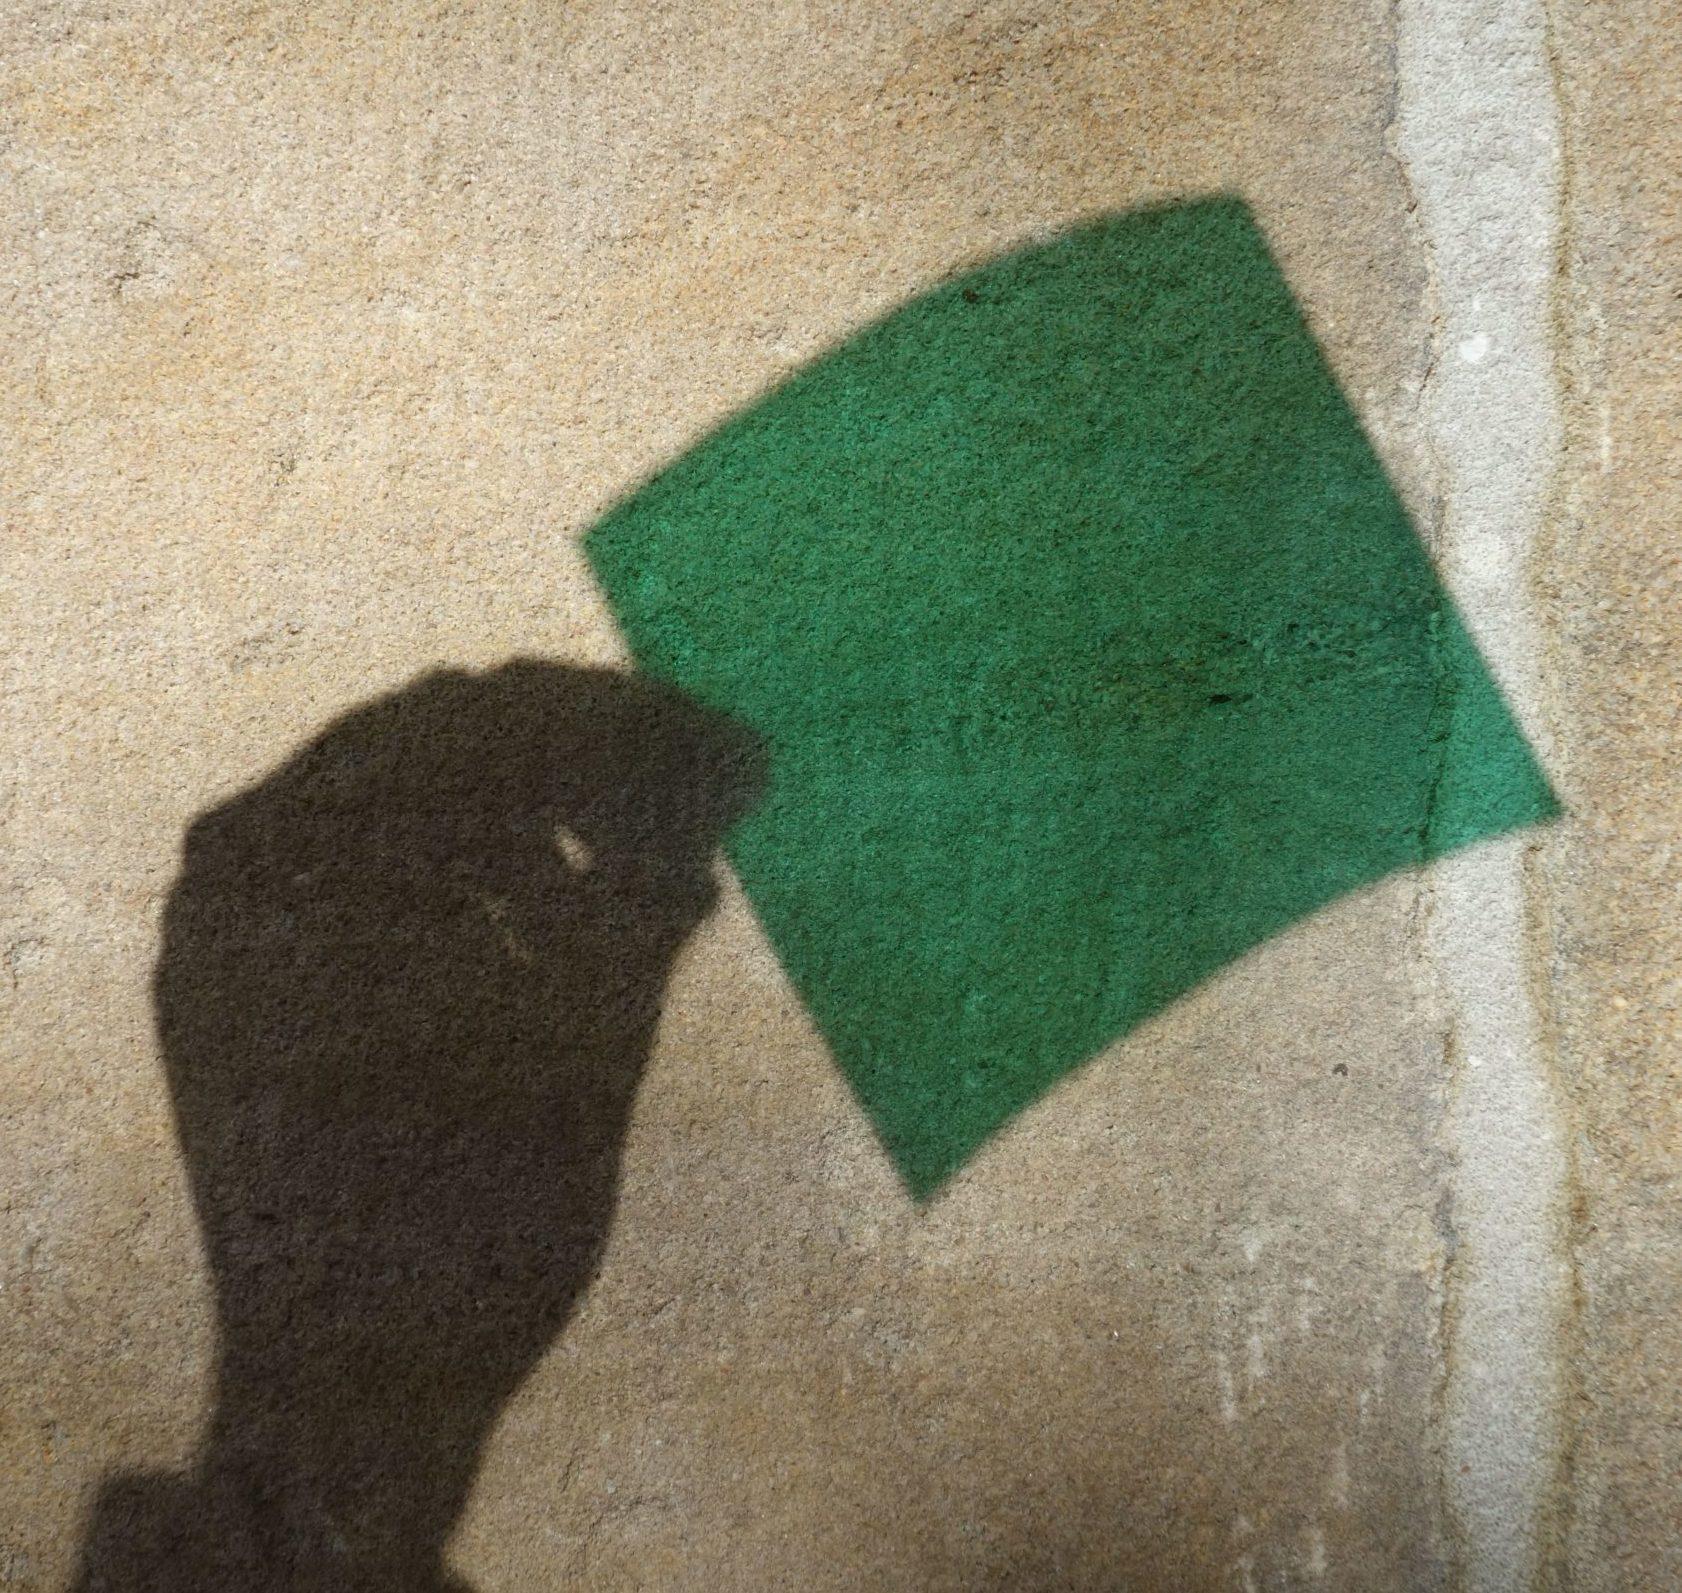 Jemand wirft mit Transparentpapier einen grünen Schatten an eine Wand